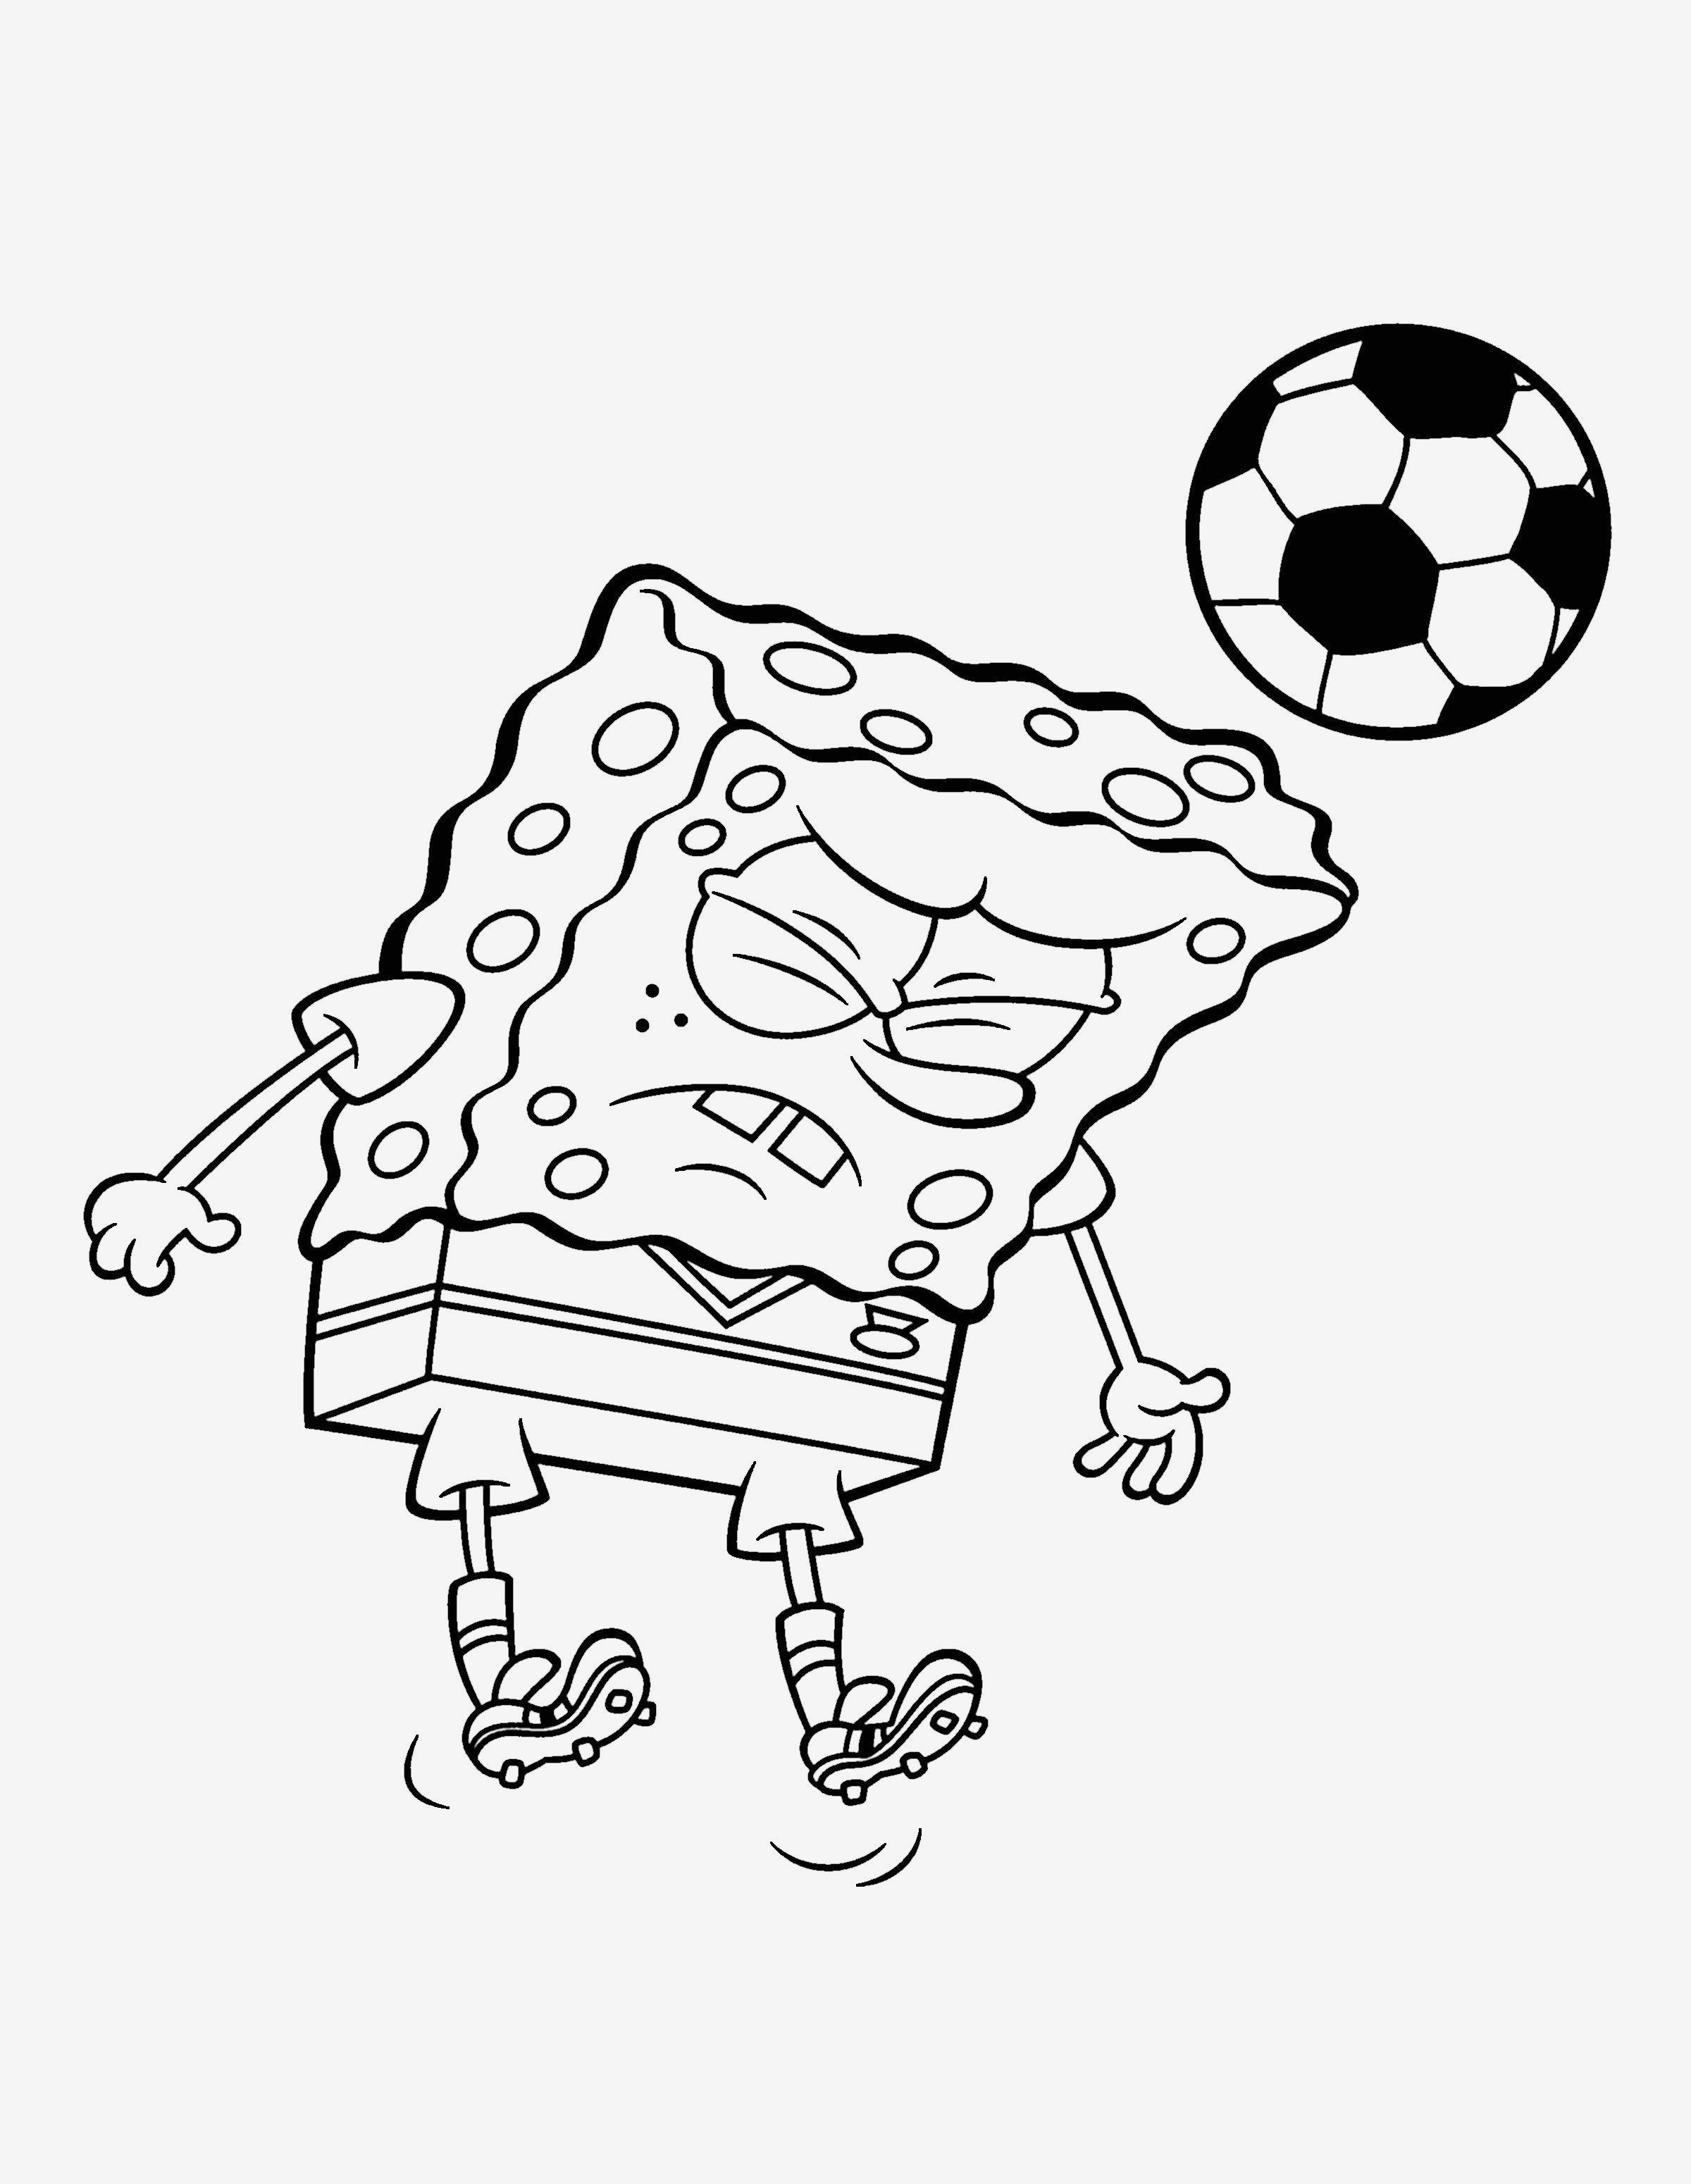 Spongebob Zum Ausmalen Einzigartig Kinder Malvorlagen Verschiedene Bilder Färben Spongebob Ausmalbilder Fotografieren